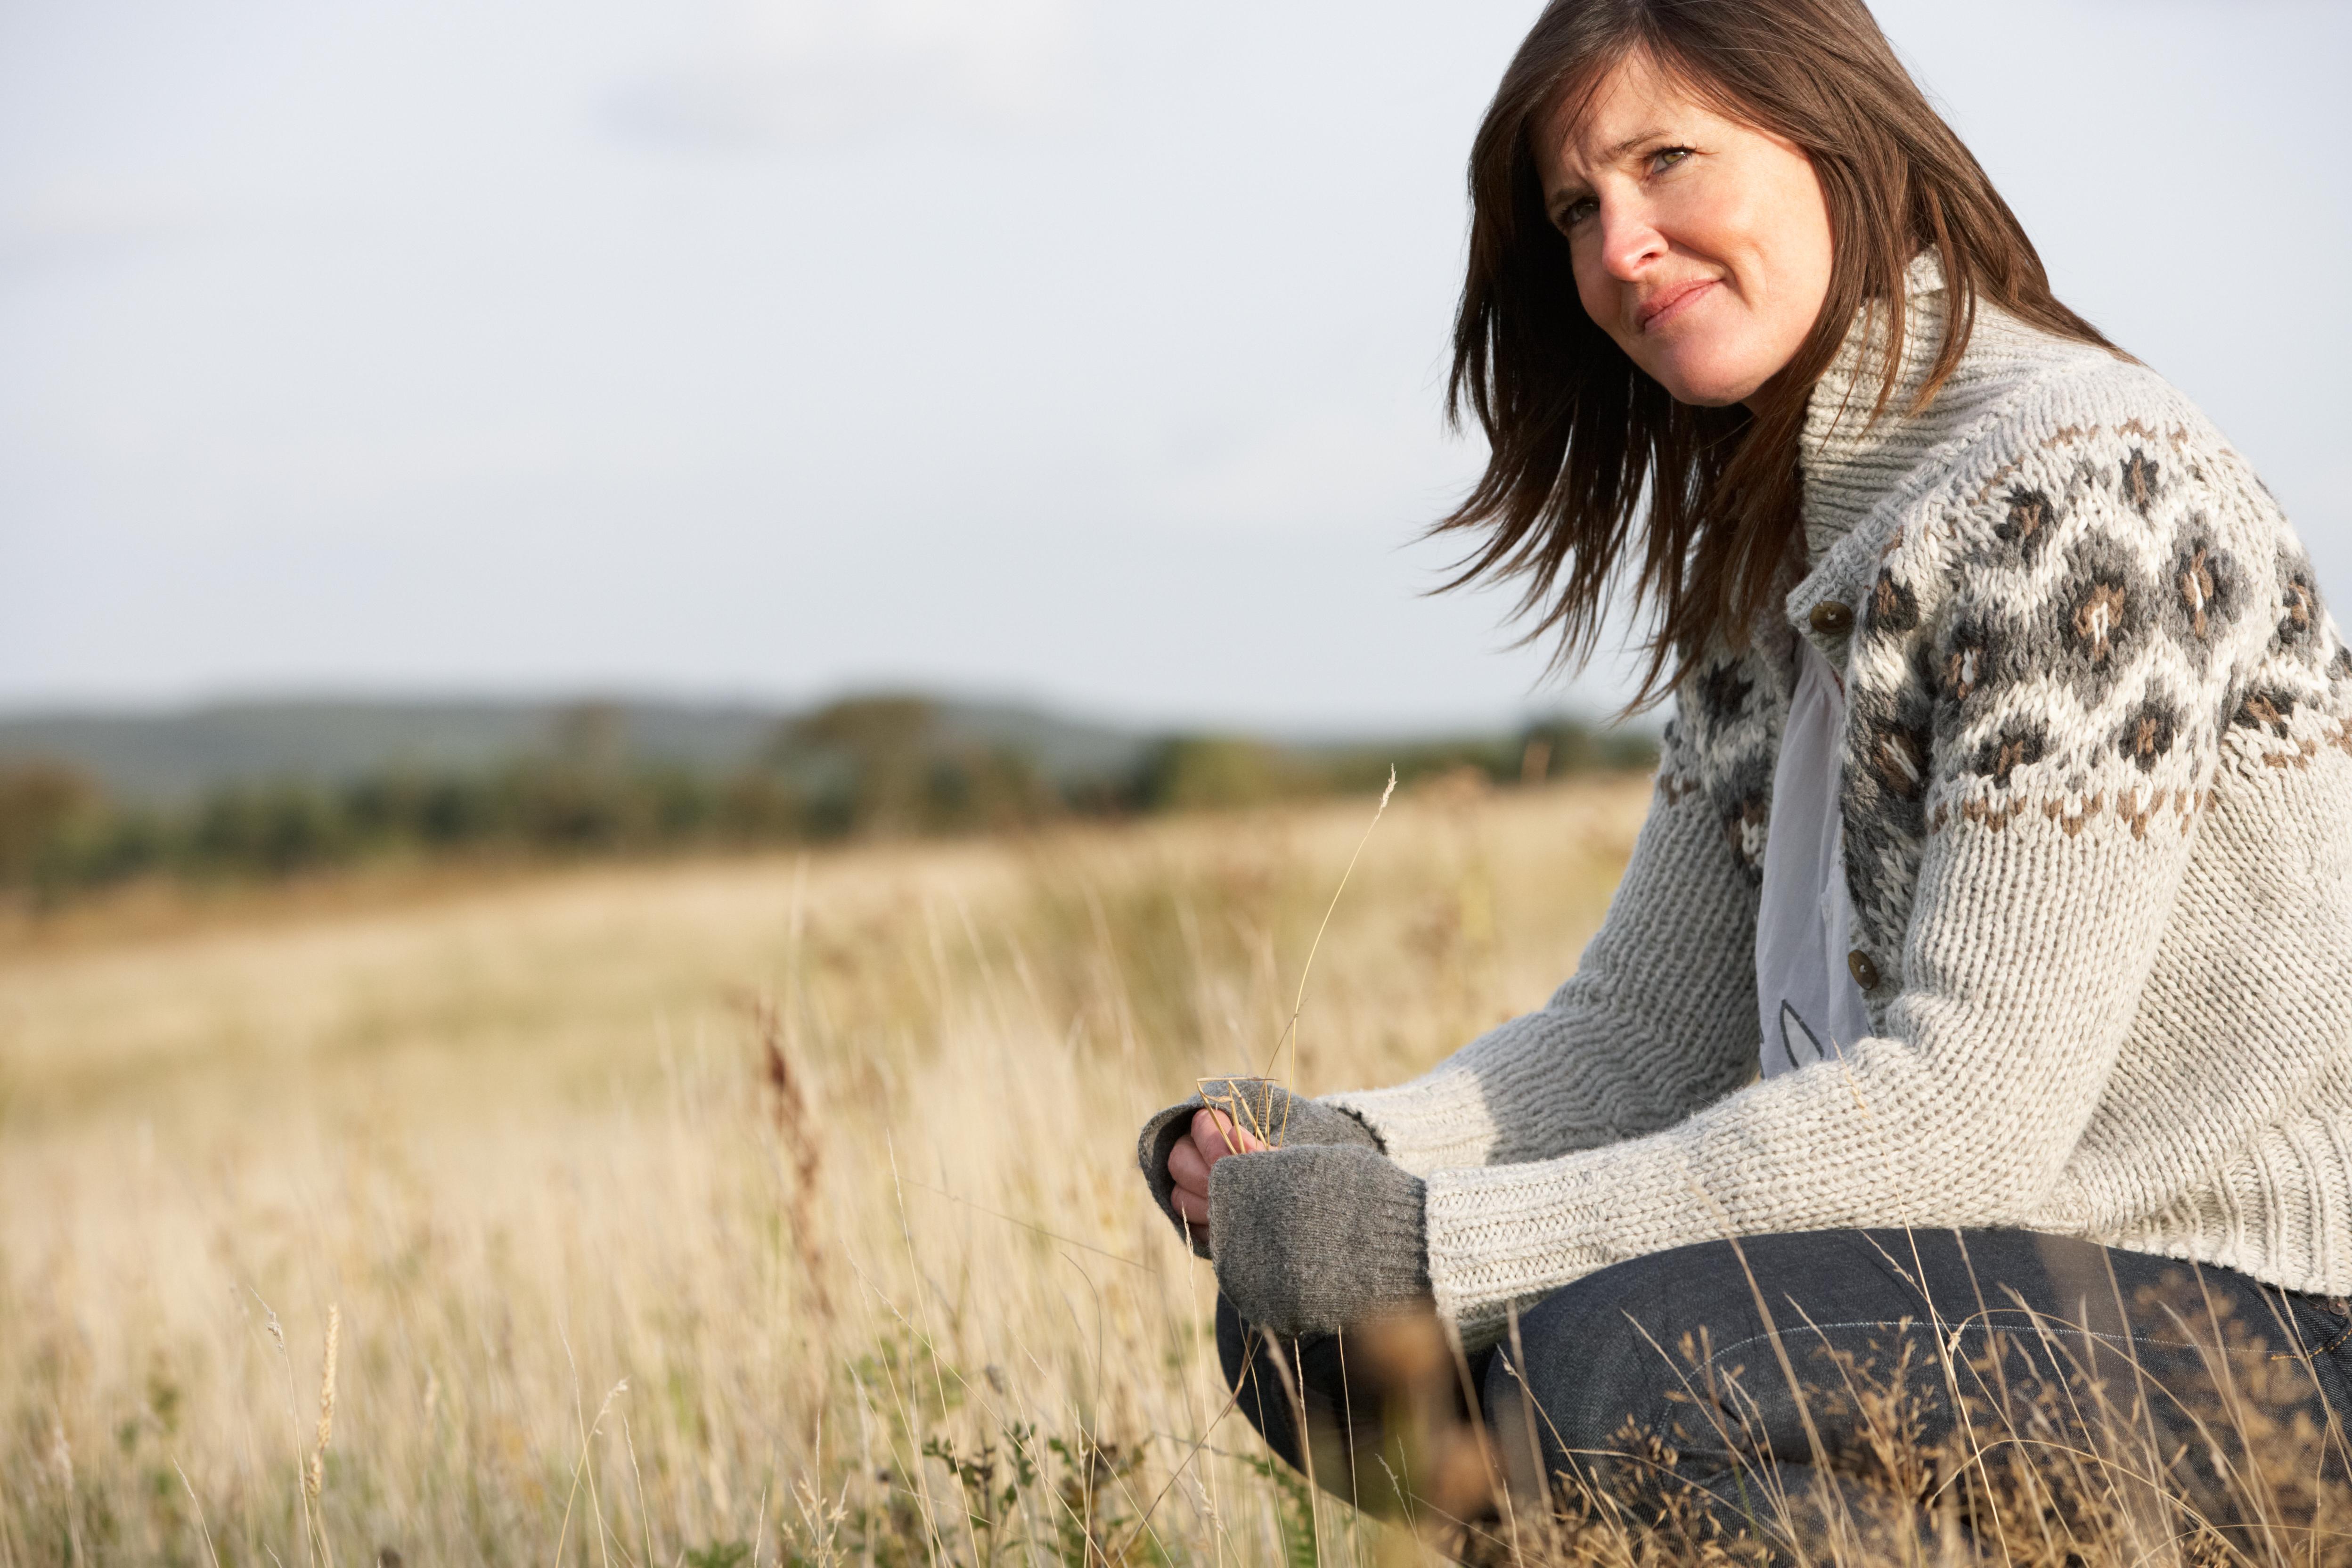 Äggstockscancer är en utav flera gynekologiska cancerformer. De flesta kvinnor som drabbas av äggstockscancer är mellan 40 och 70 år.